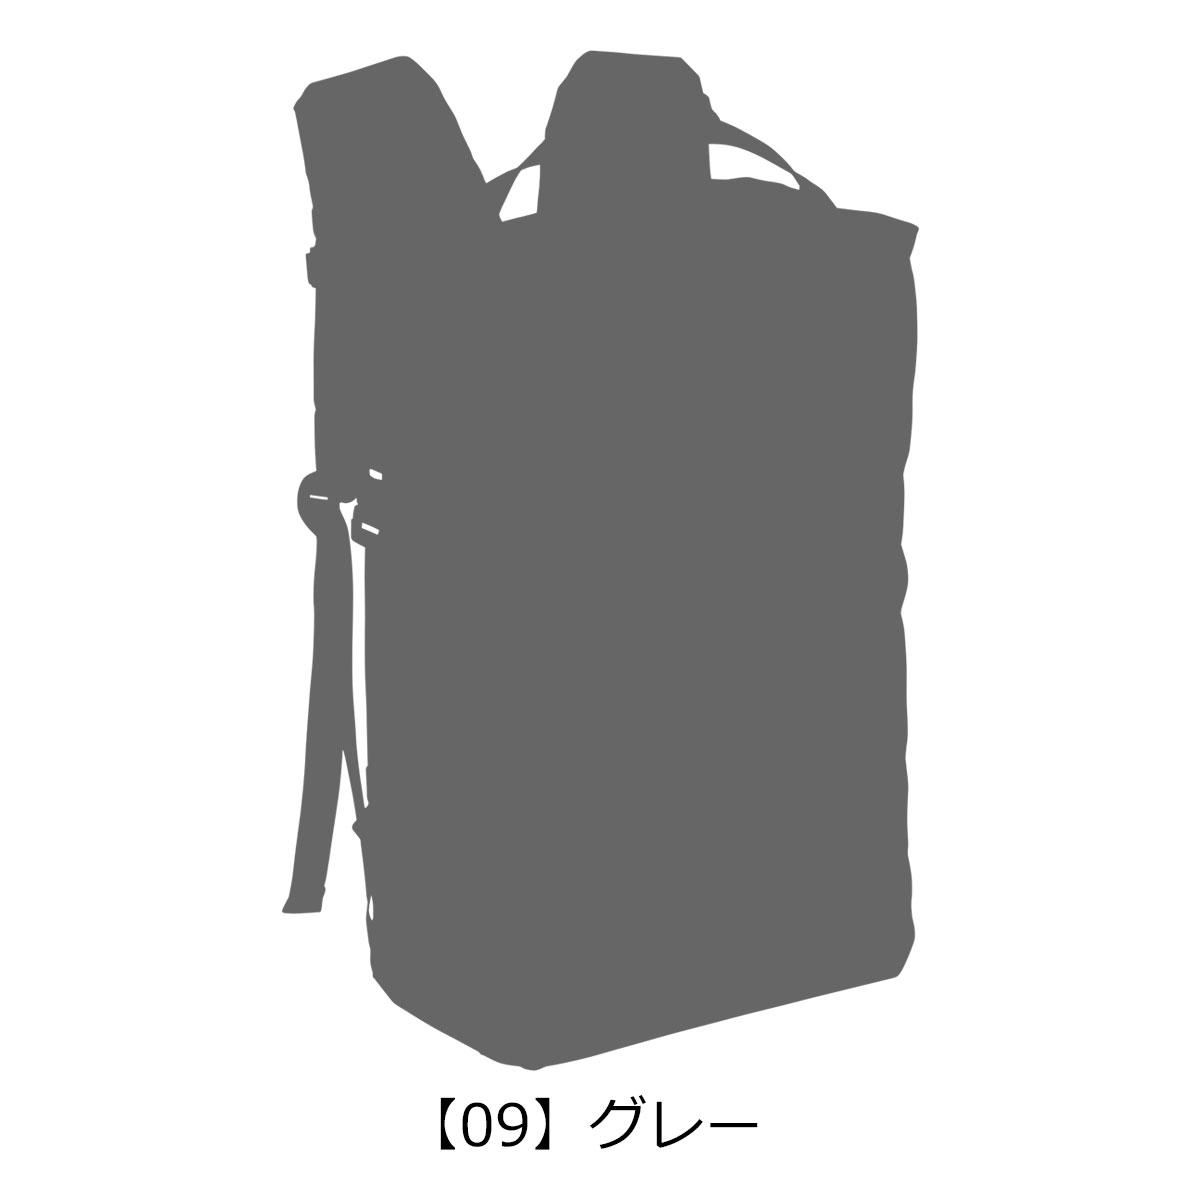 【09】グレー